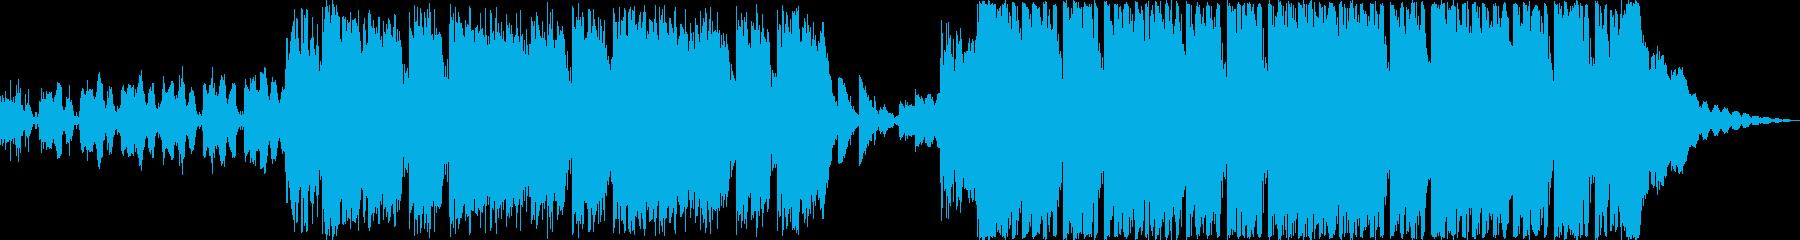 綺麗で切ない感じのEDMの再生済みの波形